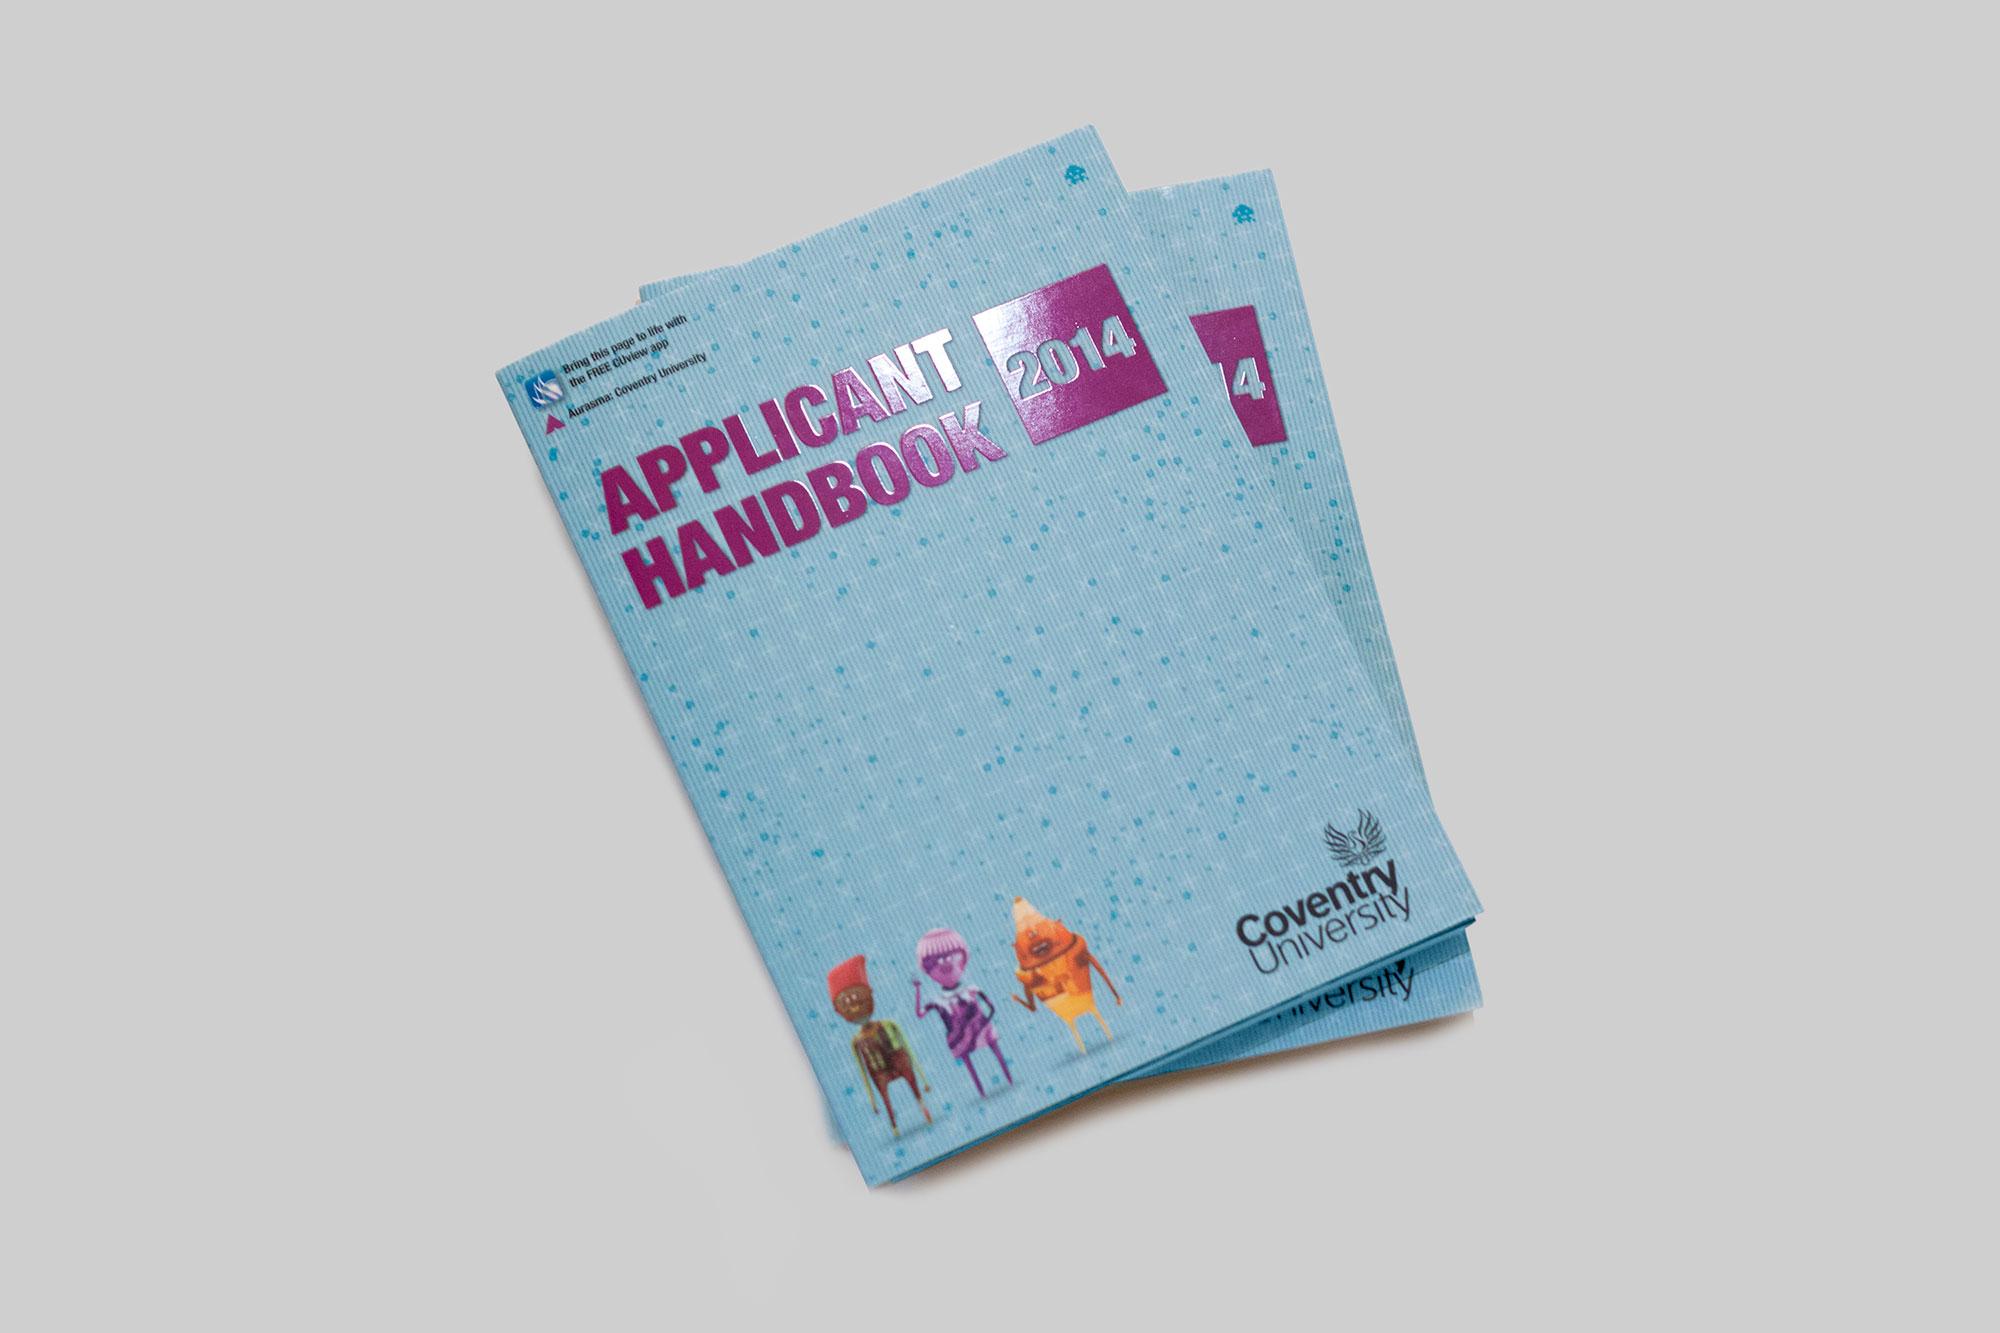 Applicant Handbook A6 booklet design